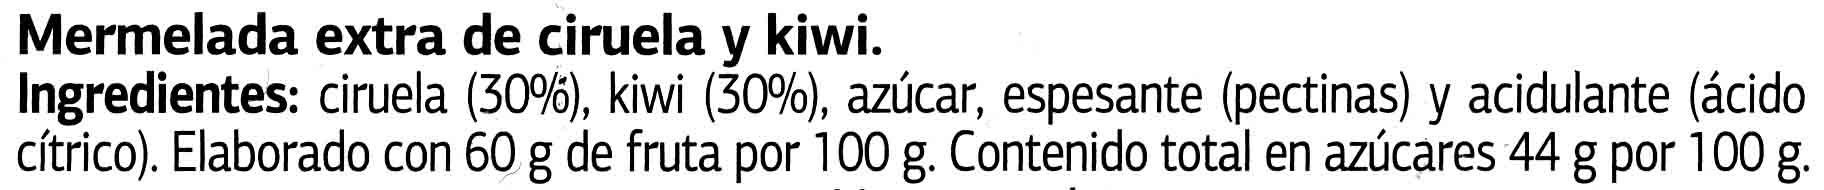 Mermelada de ciruela y kiwi - Ingrédients